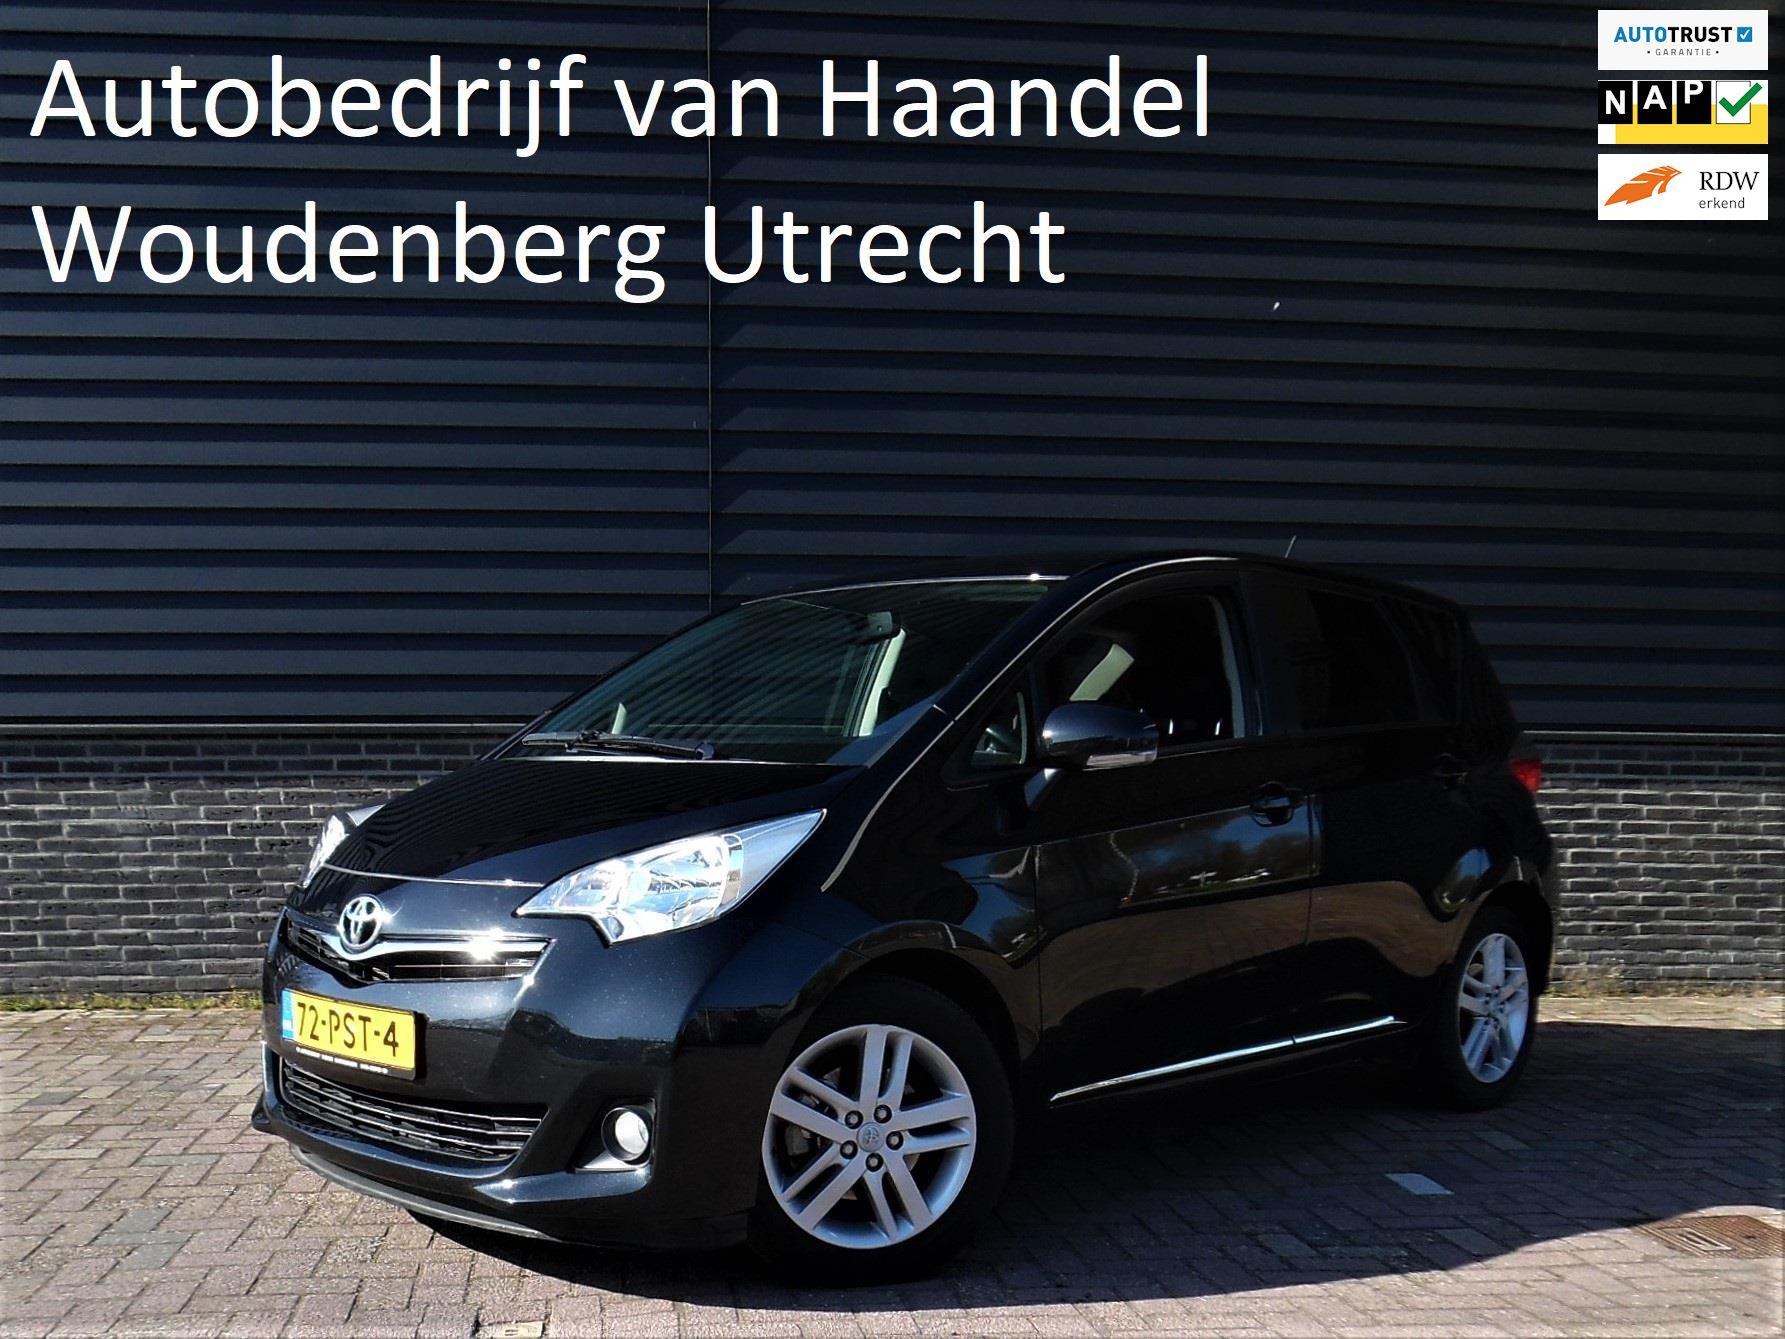 Toyota Verso-S occasion - Autobedrijf Gerard van Haandel